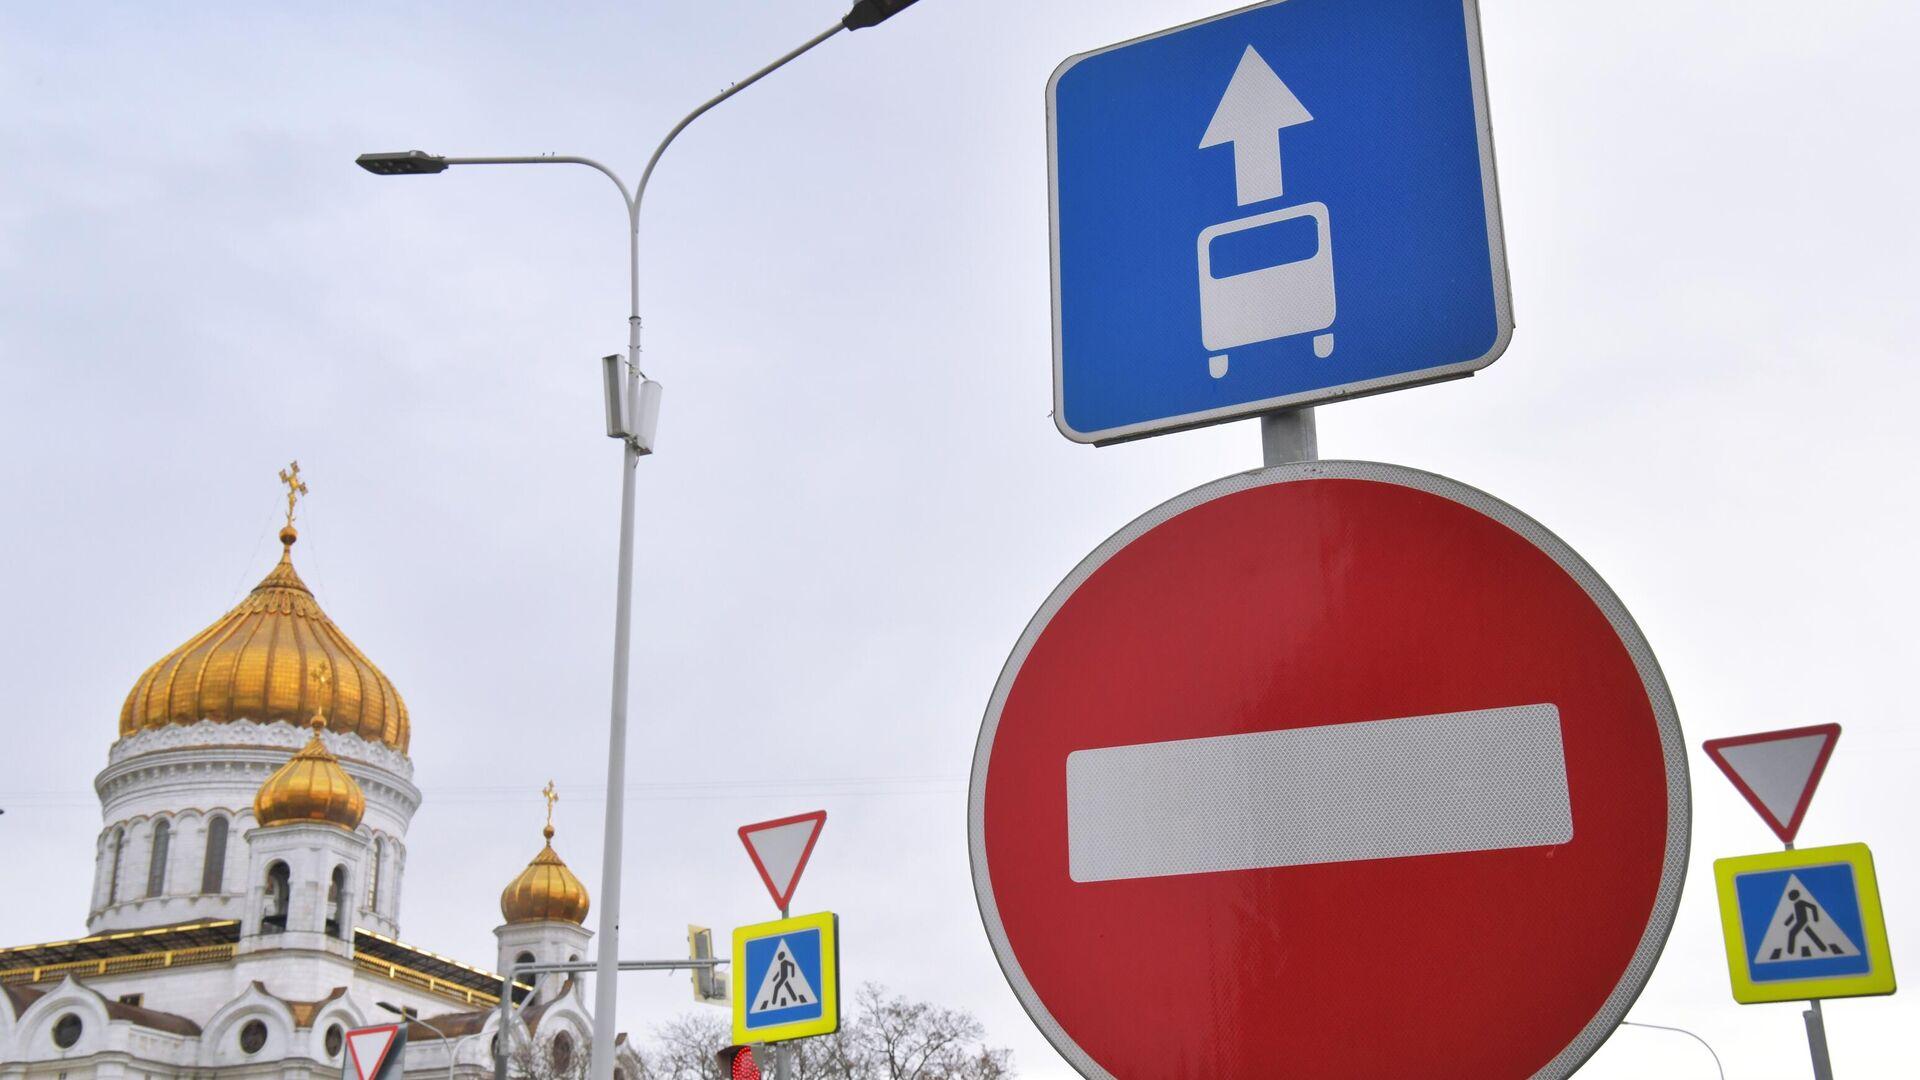 Дорожный знак, запрещающий езду по выделенным для общественного транспорта полосам - РИА Новости, 1920, 05.04.2021